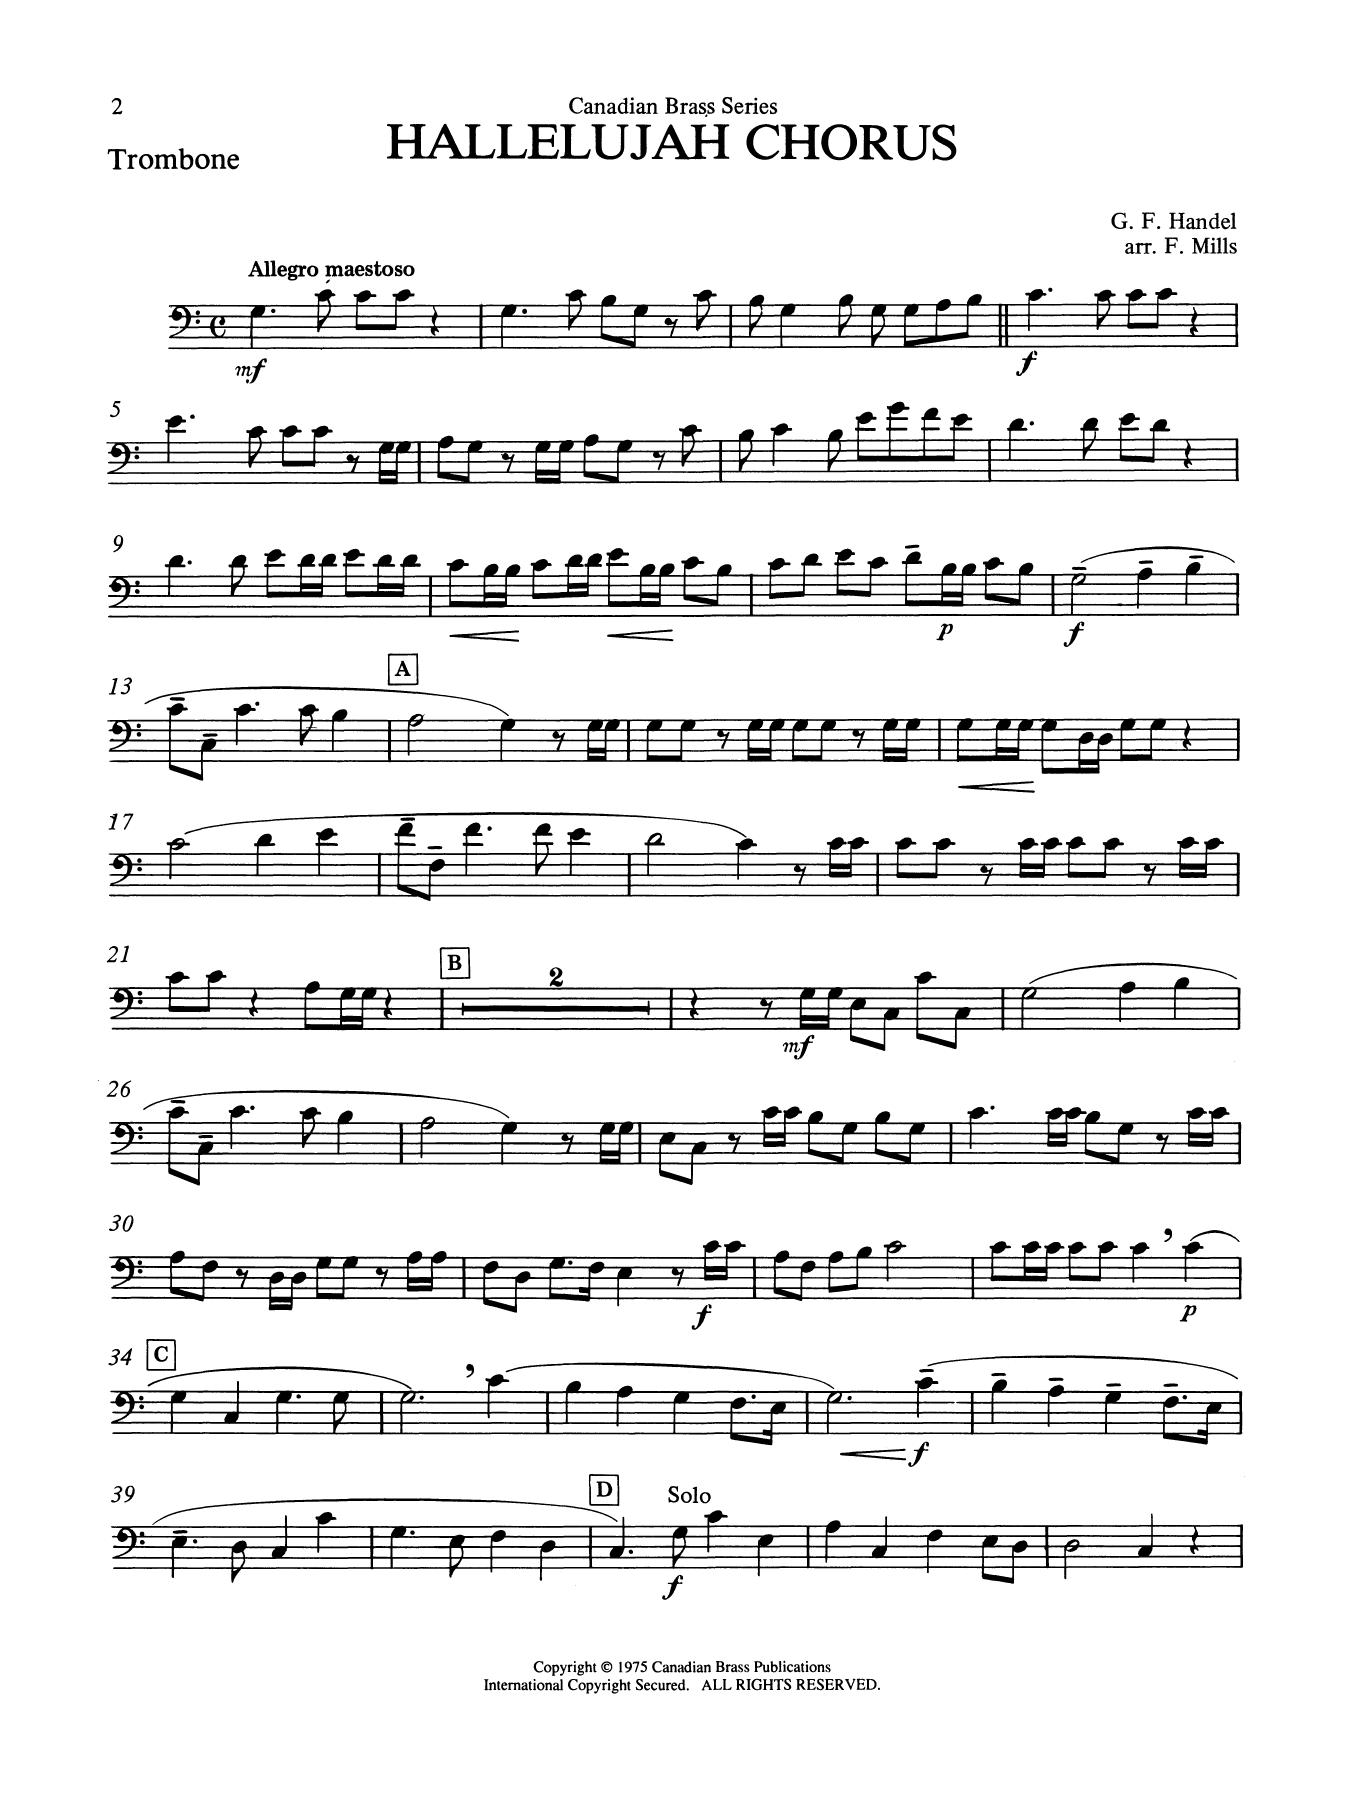 Hallelujah Chorus - Trombone (B.C.) Sheet Music